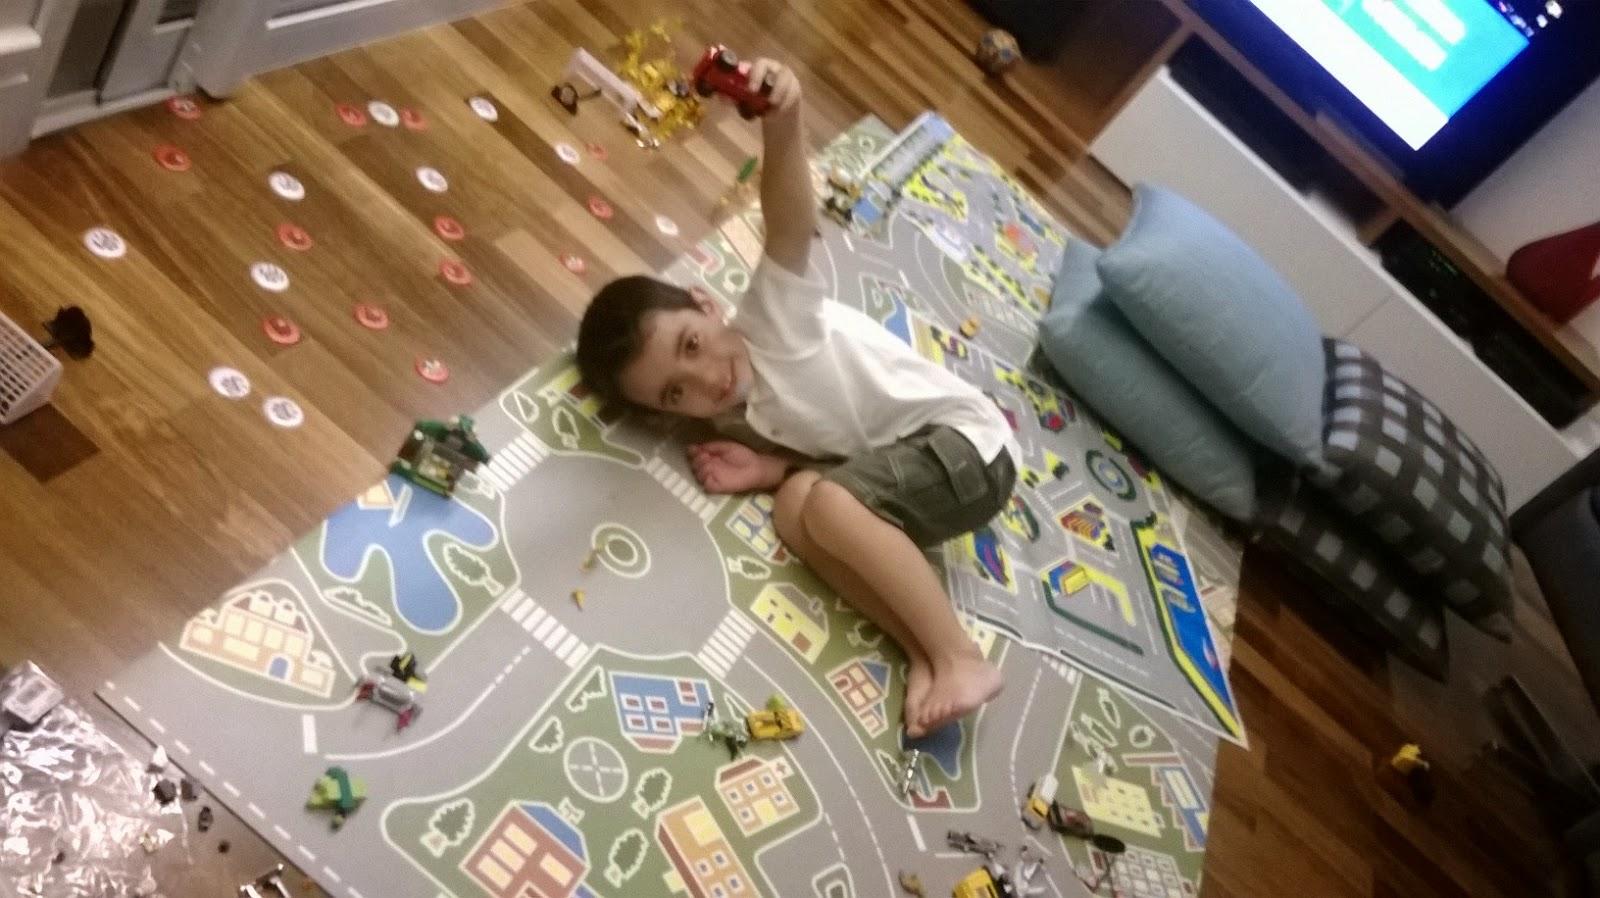 Bagunça Geral x Organização - Crianças - Brinquedos